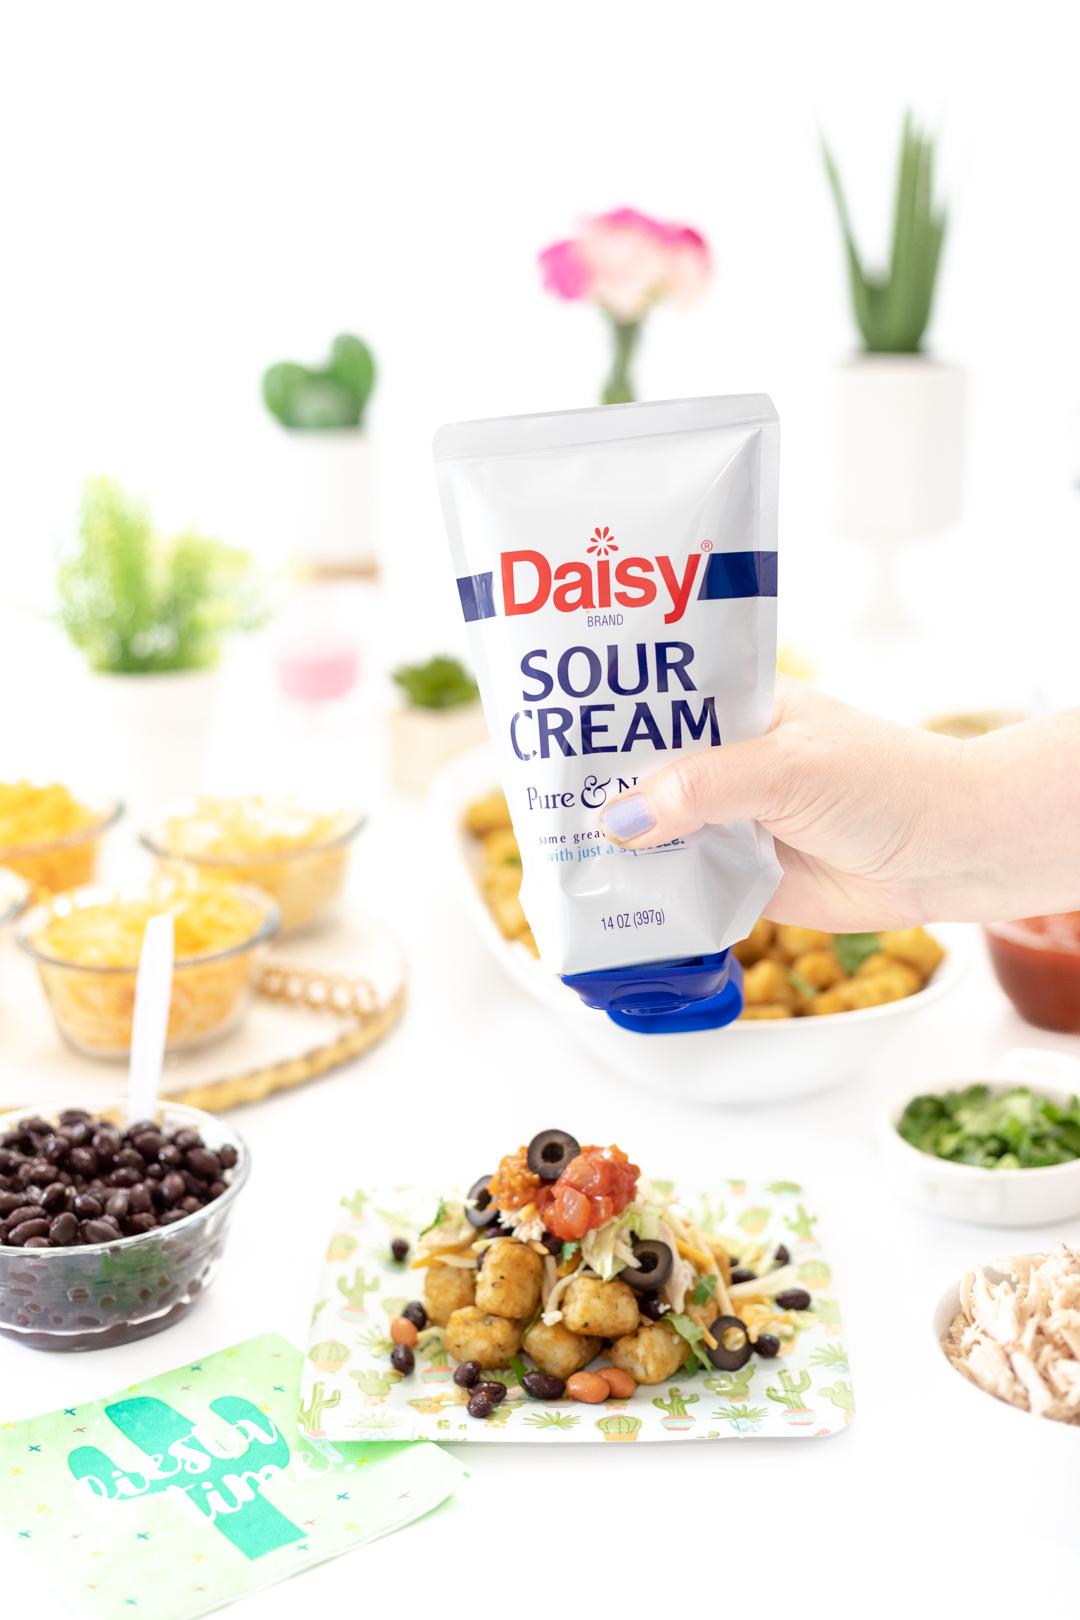 Daisy Sour Cream for totchos